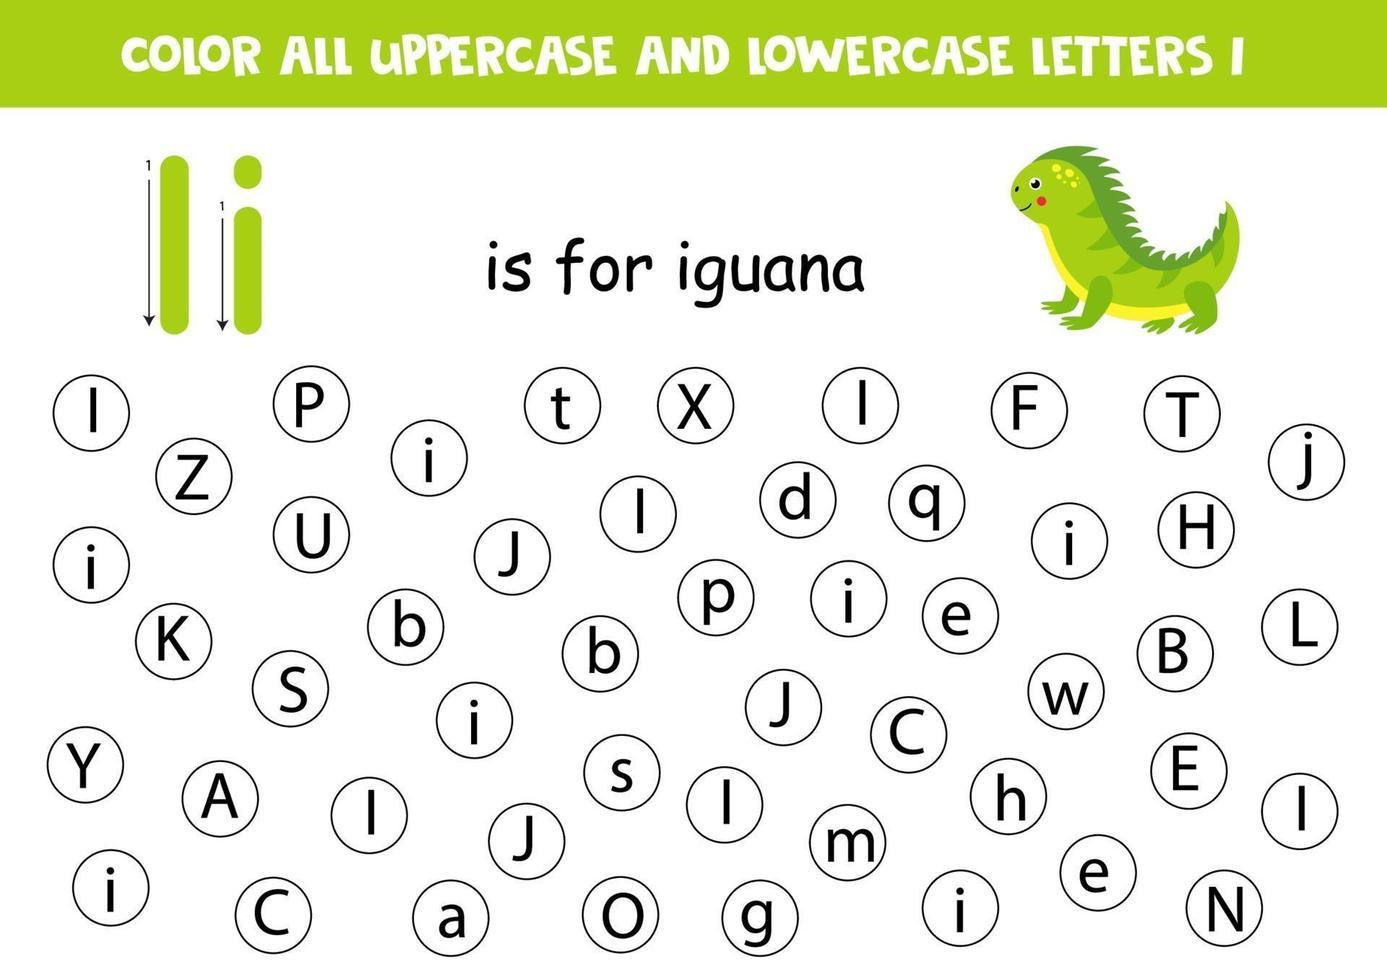 alfabetet kalkylblad. hitta alla bokstäver i. prickbokstäver. vektor